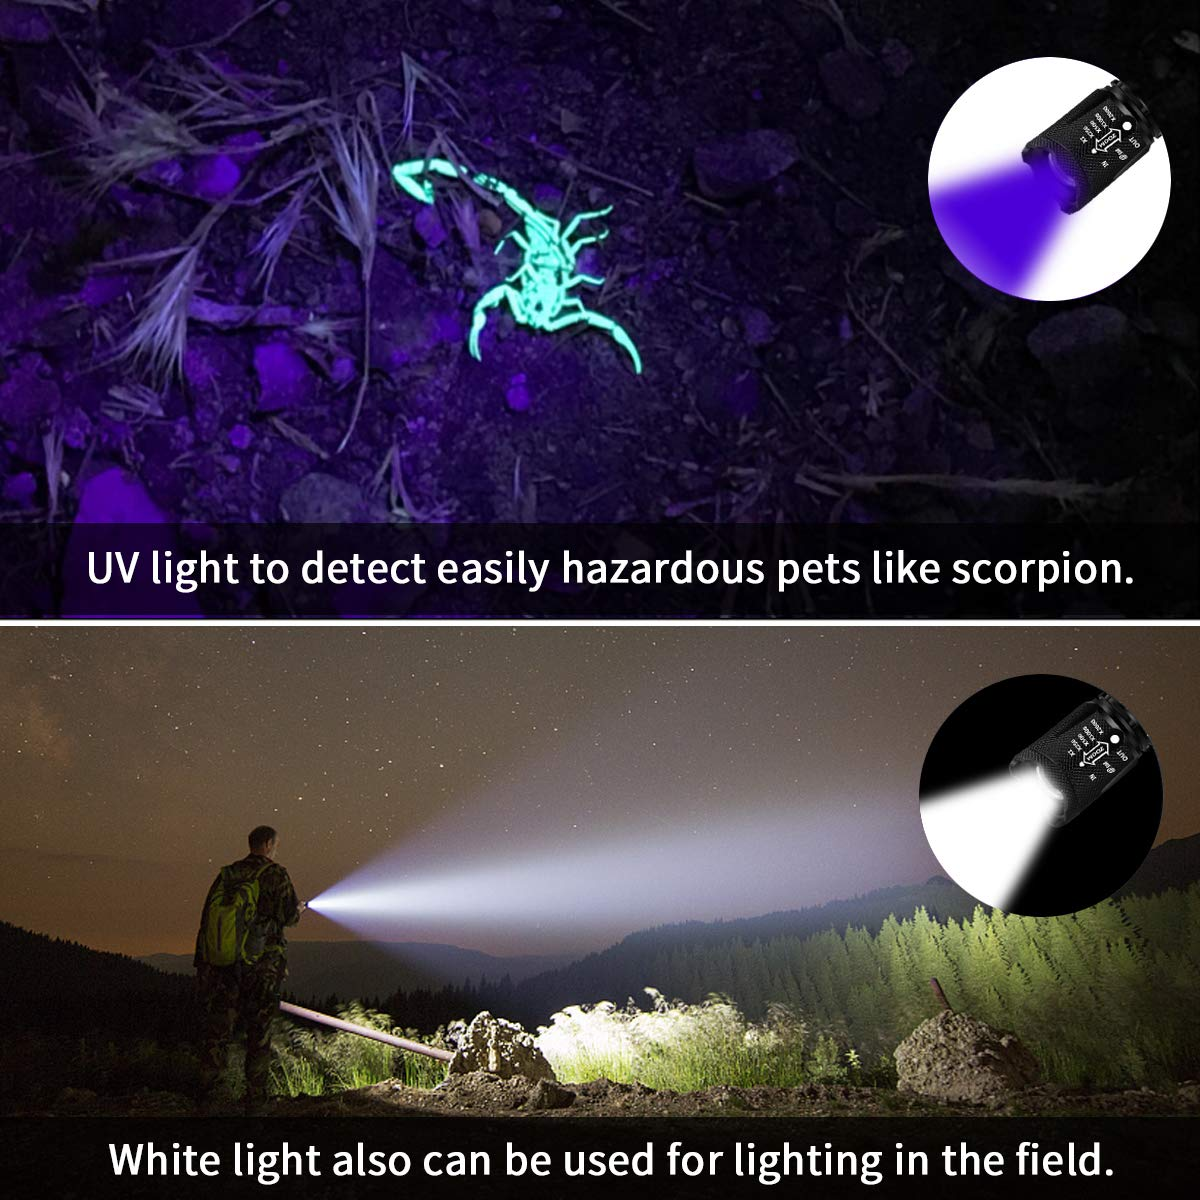 Lampe de Poche Tactique et Lampe UV, 2 en 1 Lampe Torche led 500 Lumens Puissante, 4 Modes Zoomable, 350m de Distance avec 395nm Lumière Ultraviolet, pour Le Camping, D\'urgence(2 PCS)